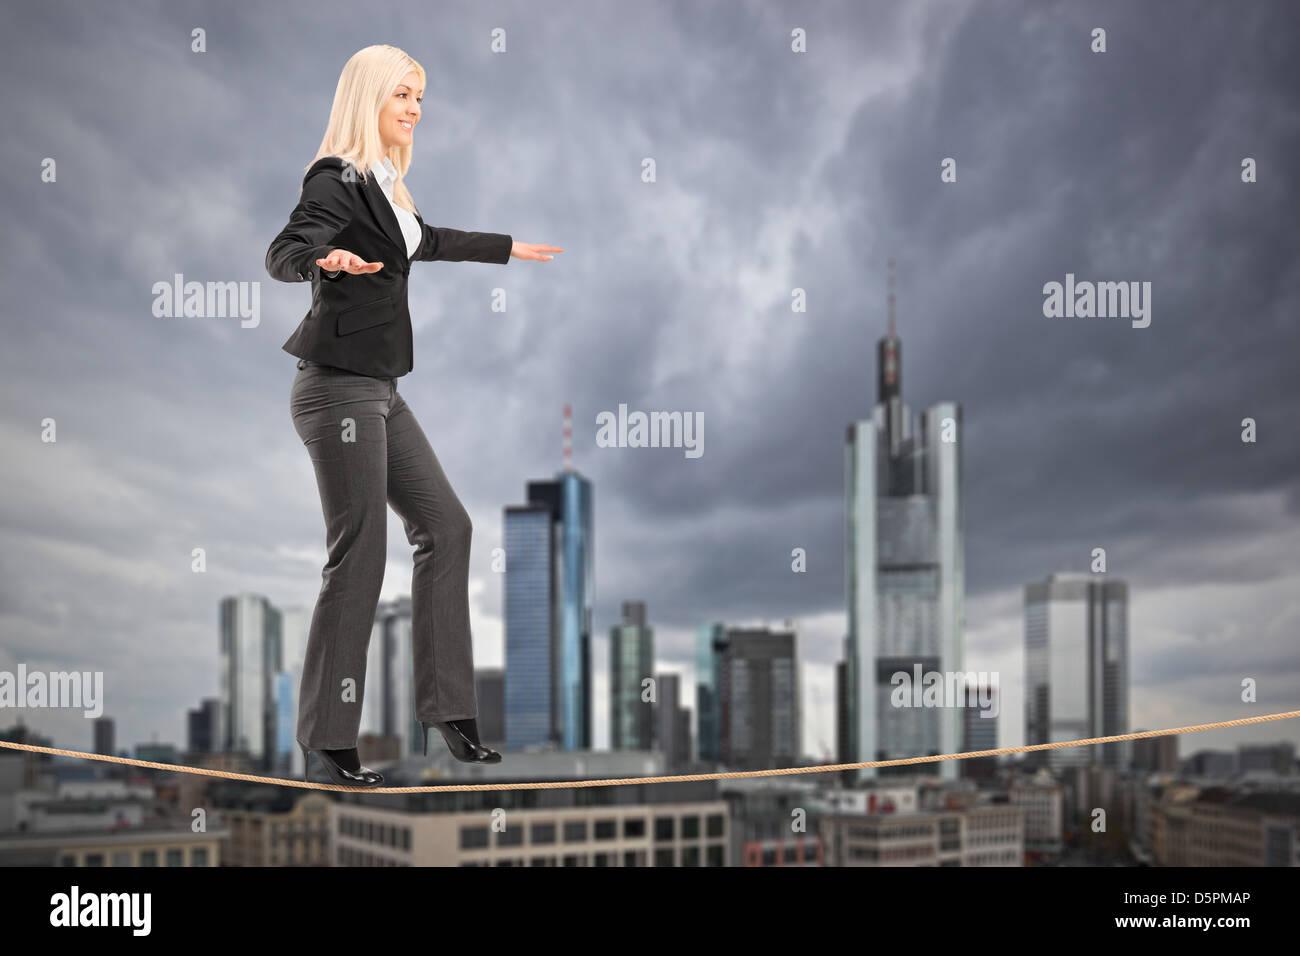 Joven Empresaria caminando sobre una cuerda, con el centro financiero de Frankfurt, Alemania, en el fondo Foto de stock